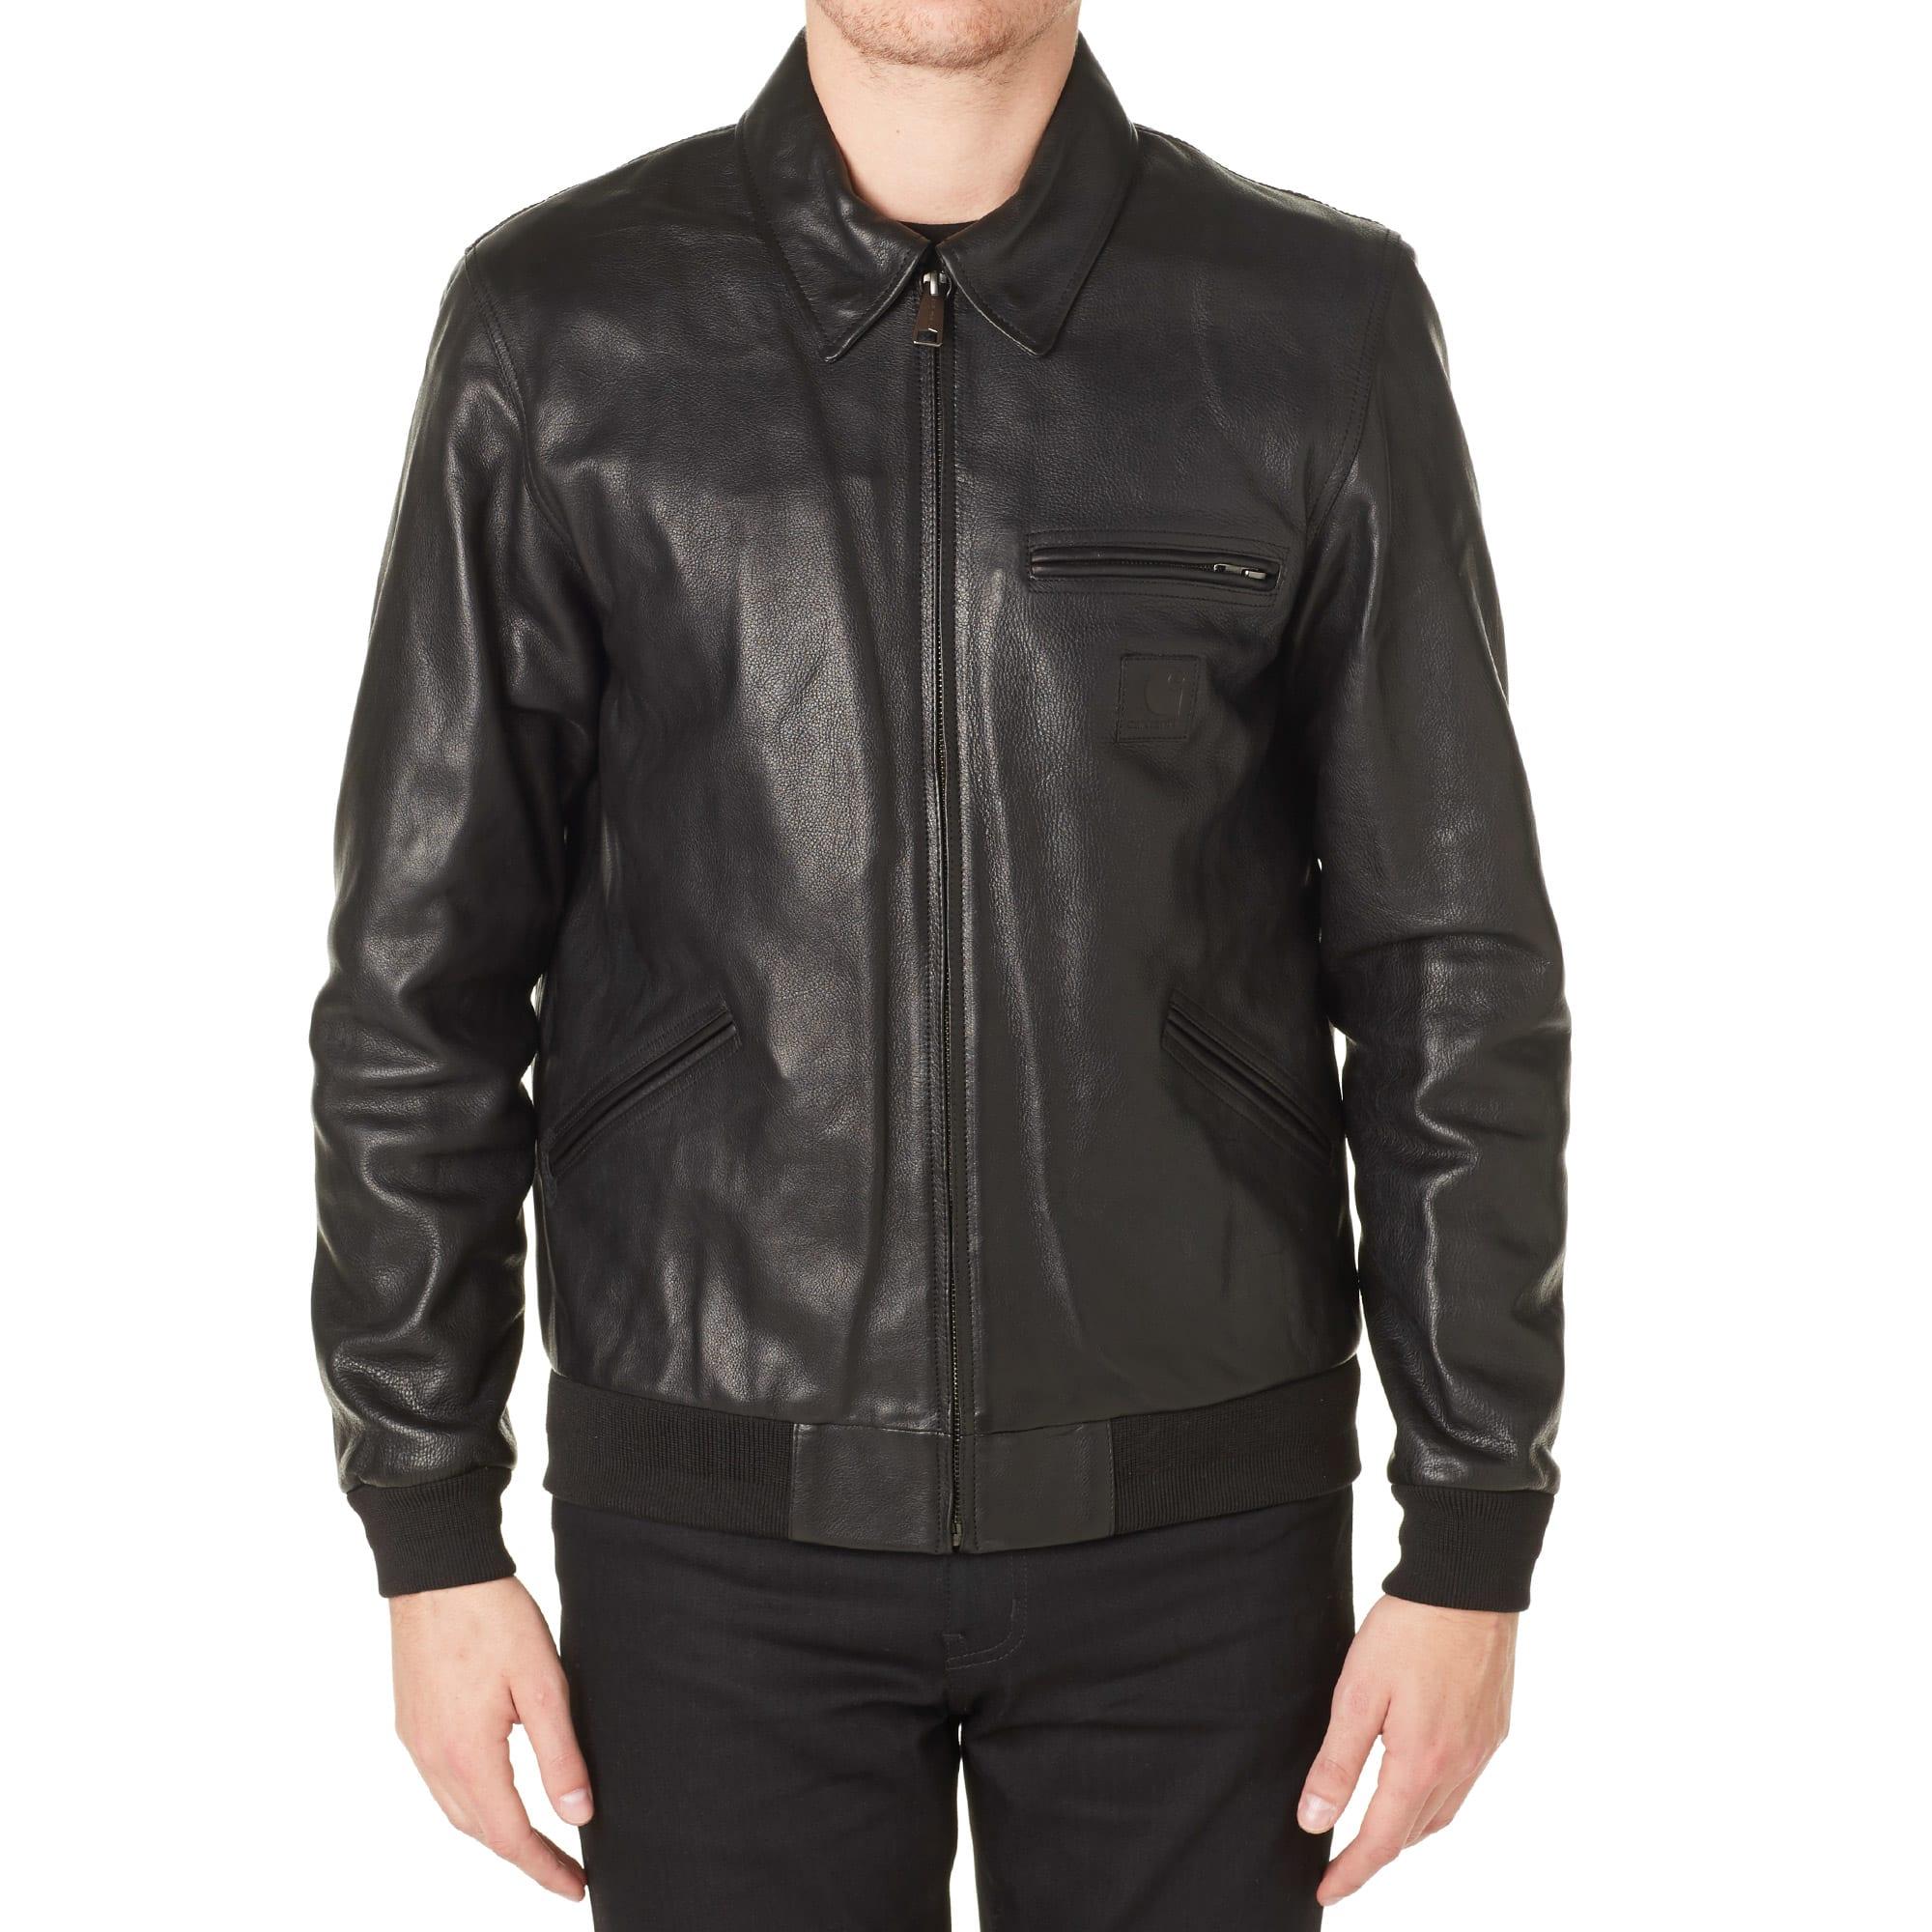 b1071a0d5 Carhartt Detroit Leather Jacket